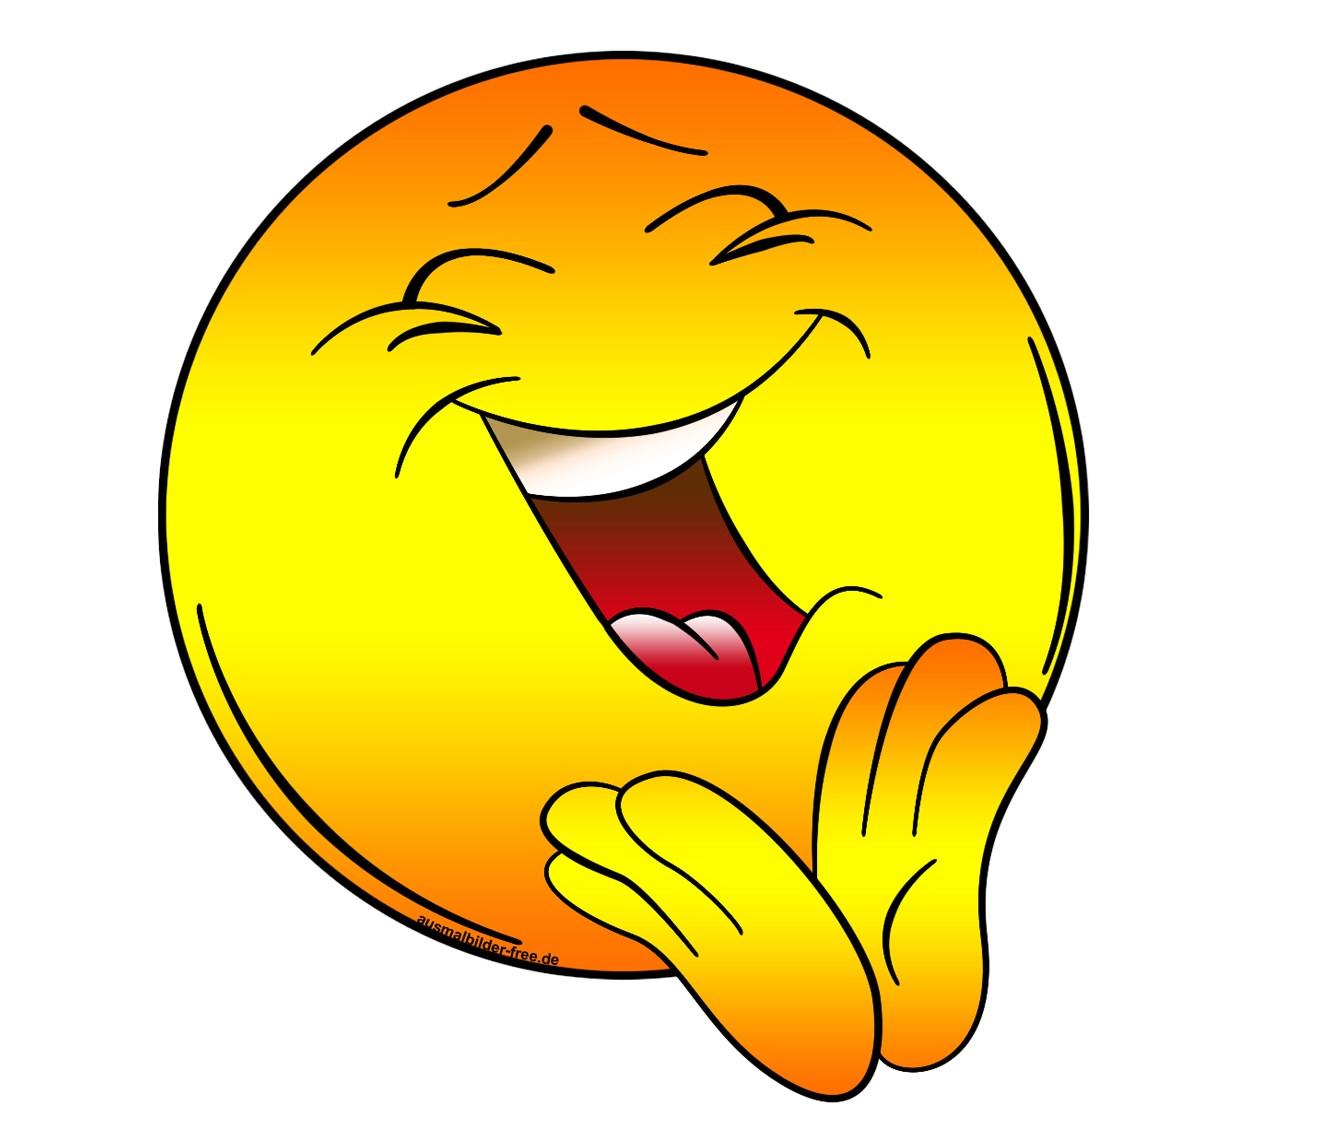 изготавливается картинки смех смайлики макаронсы